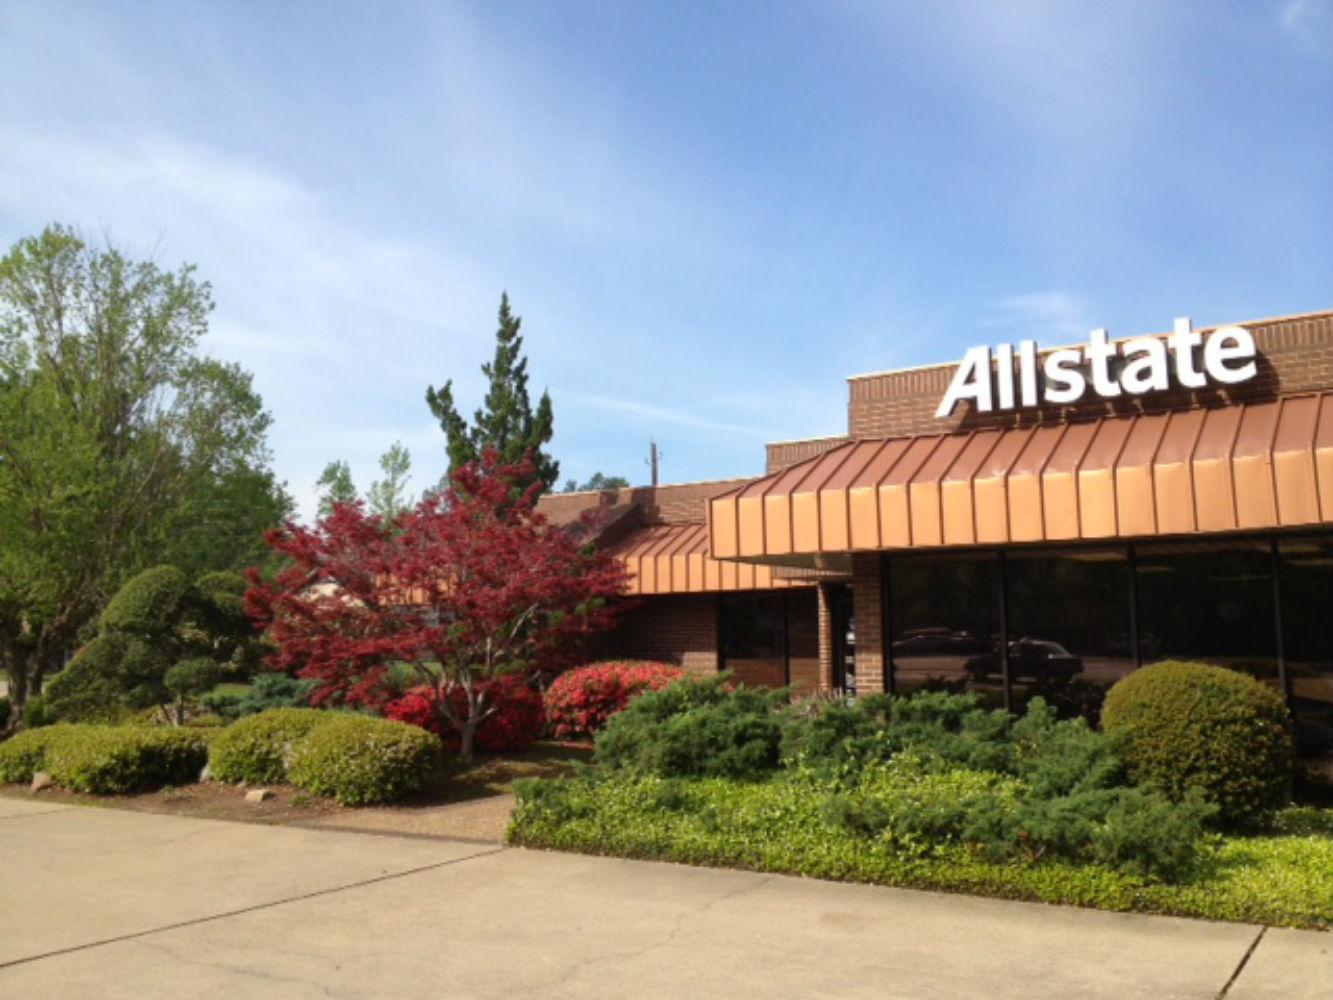 Linda Fullman: Allstate Insurance image 1